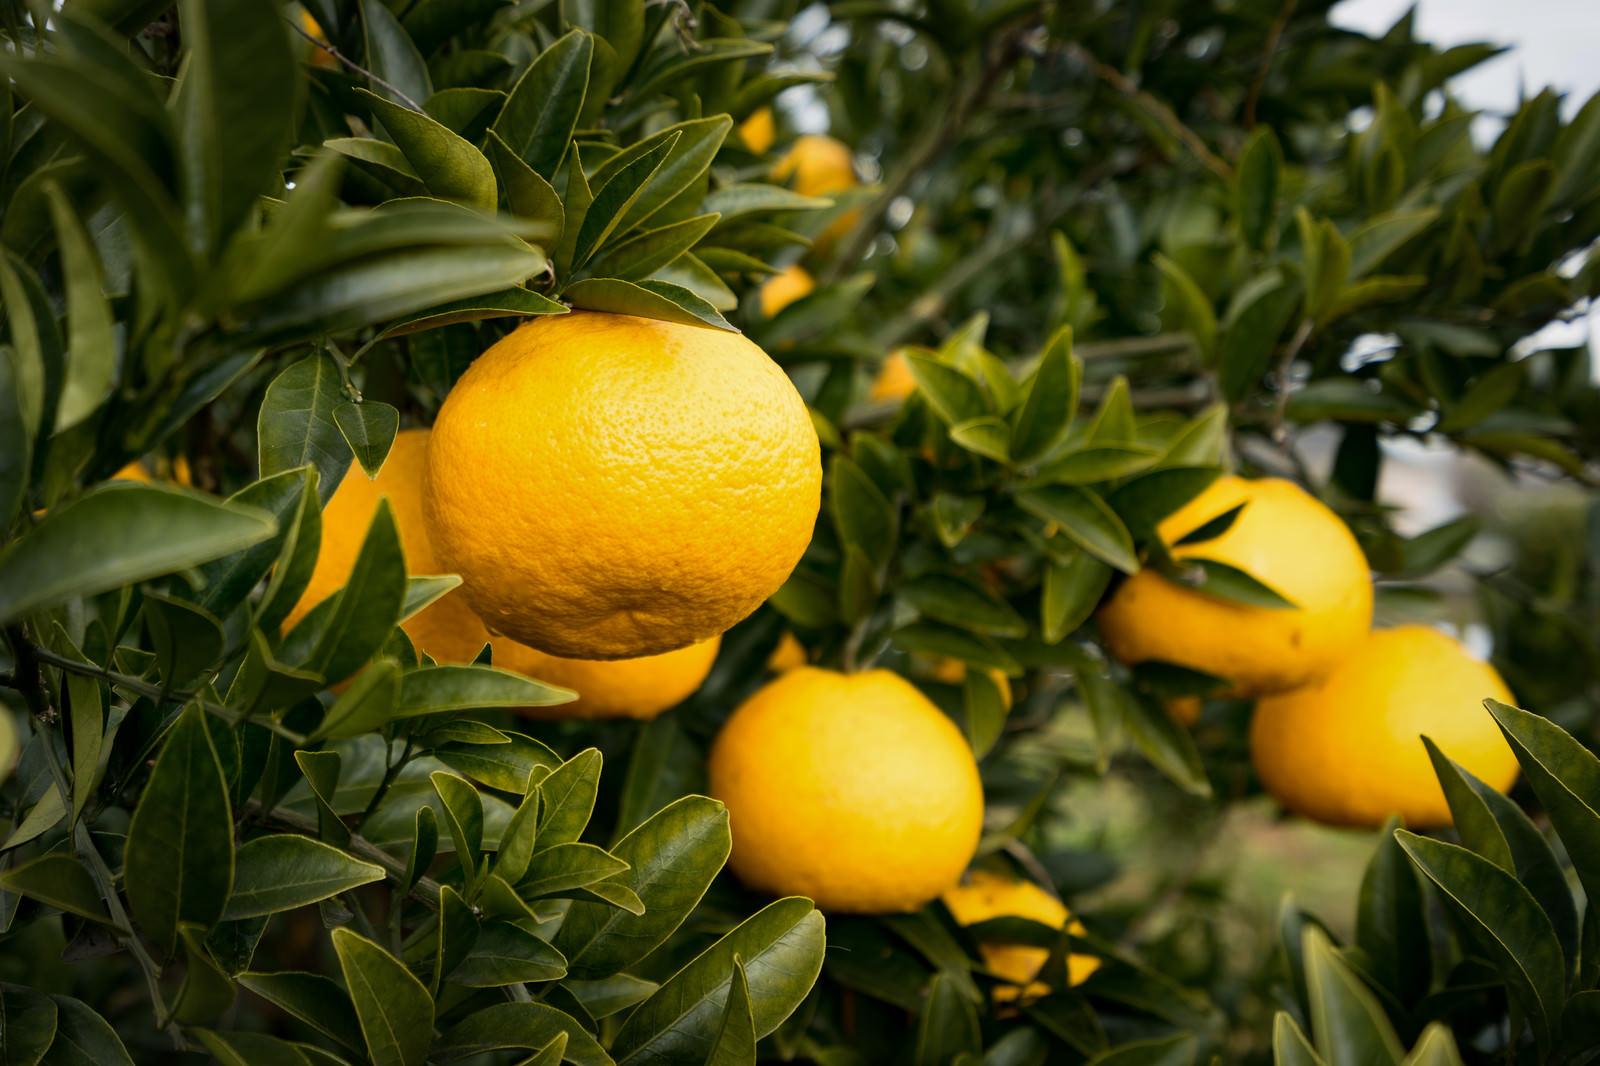 「立派に育った柑橘類の果実」の写真